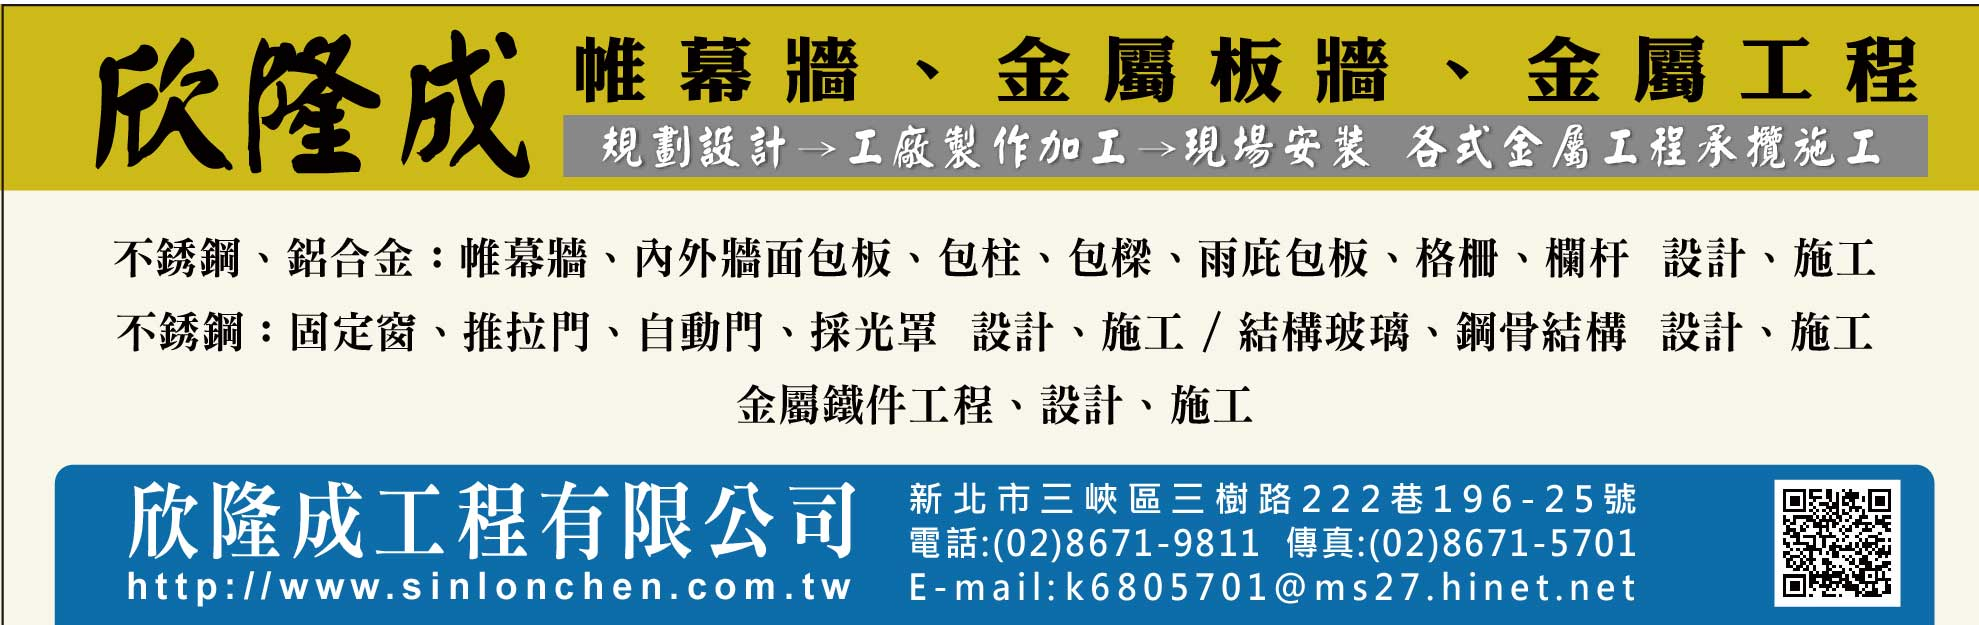 欣隆成工程有限公司